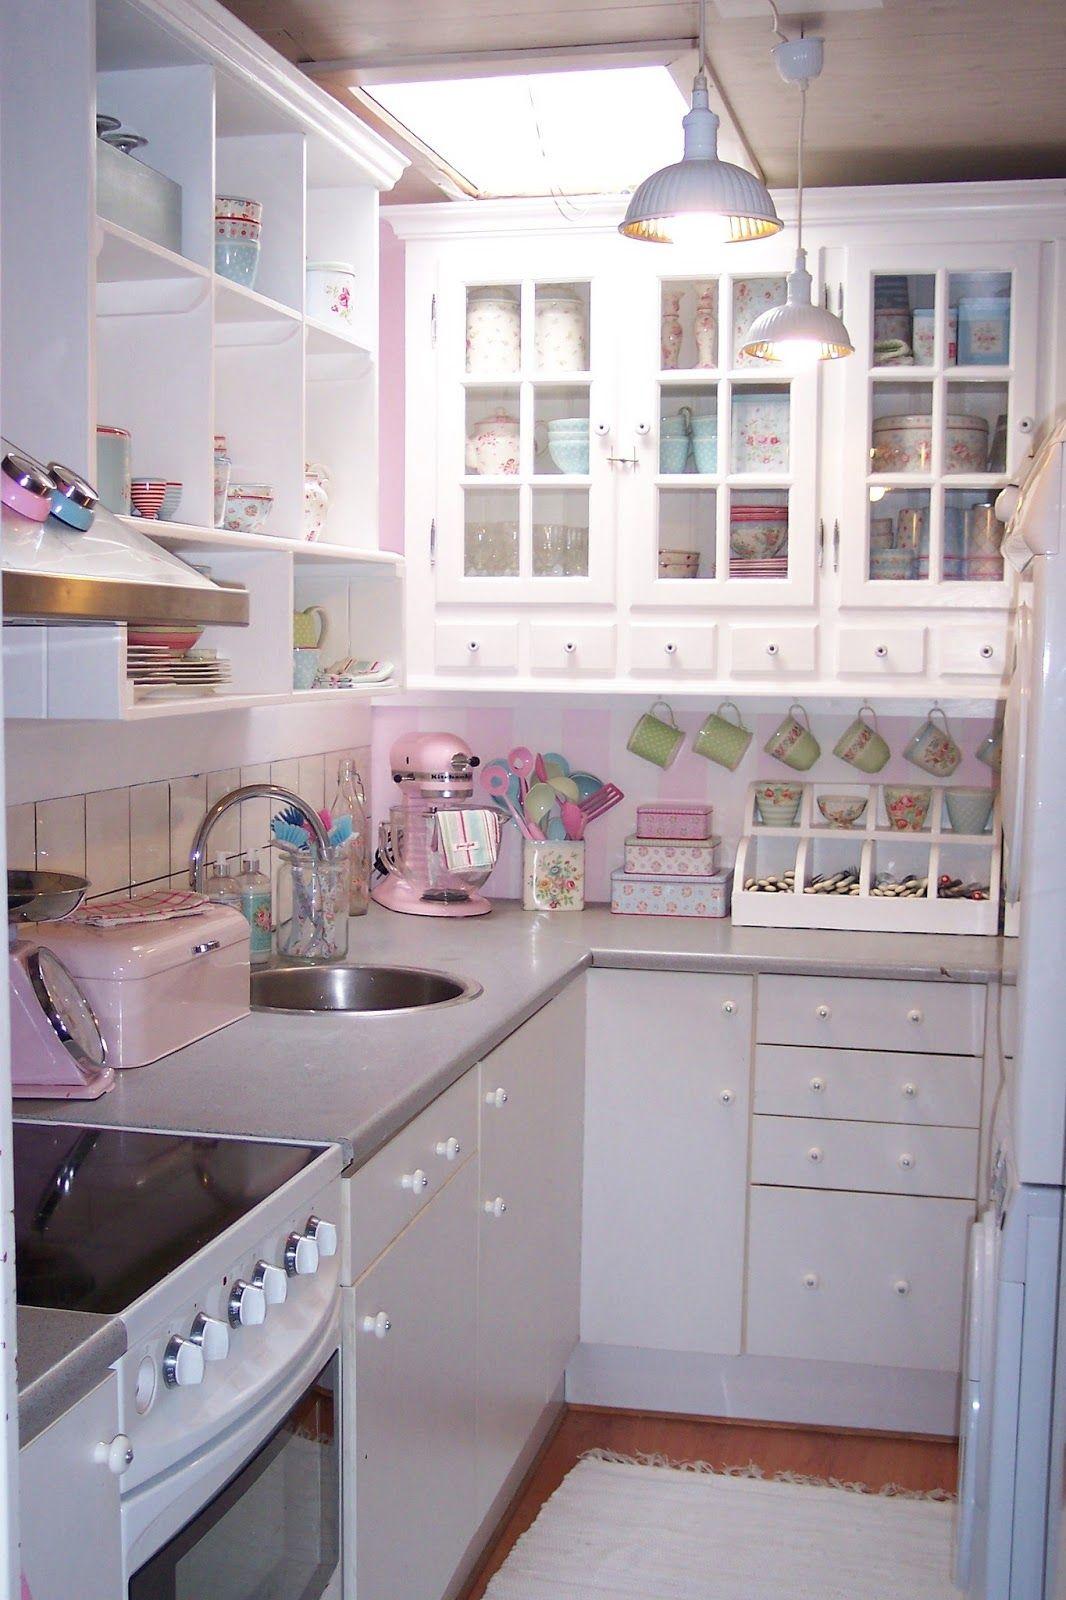 Muebles blancos cocinas pequenas lavaderos salas for Cocinas pequenas con lavadero